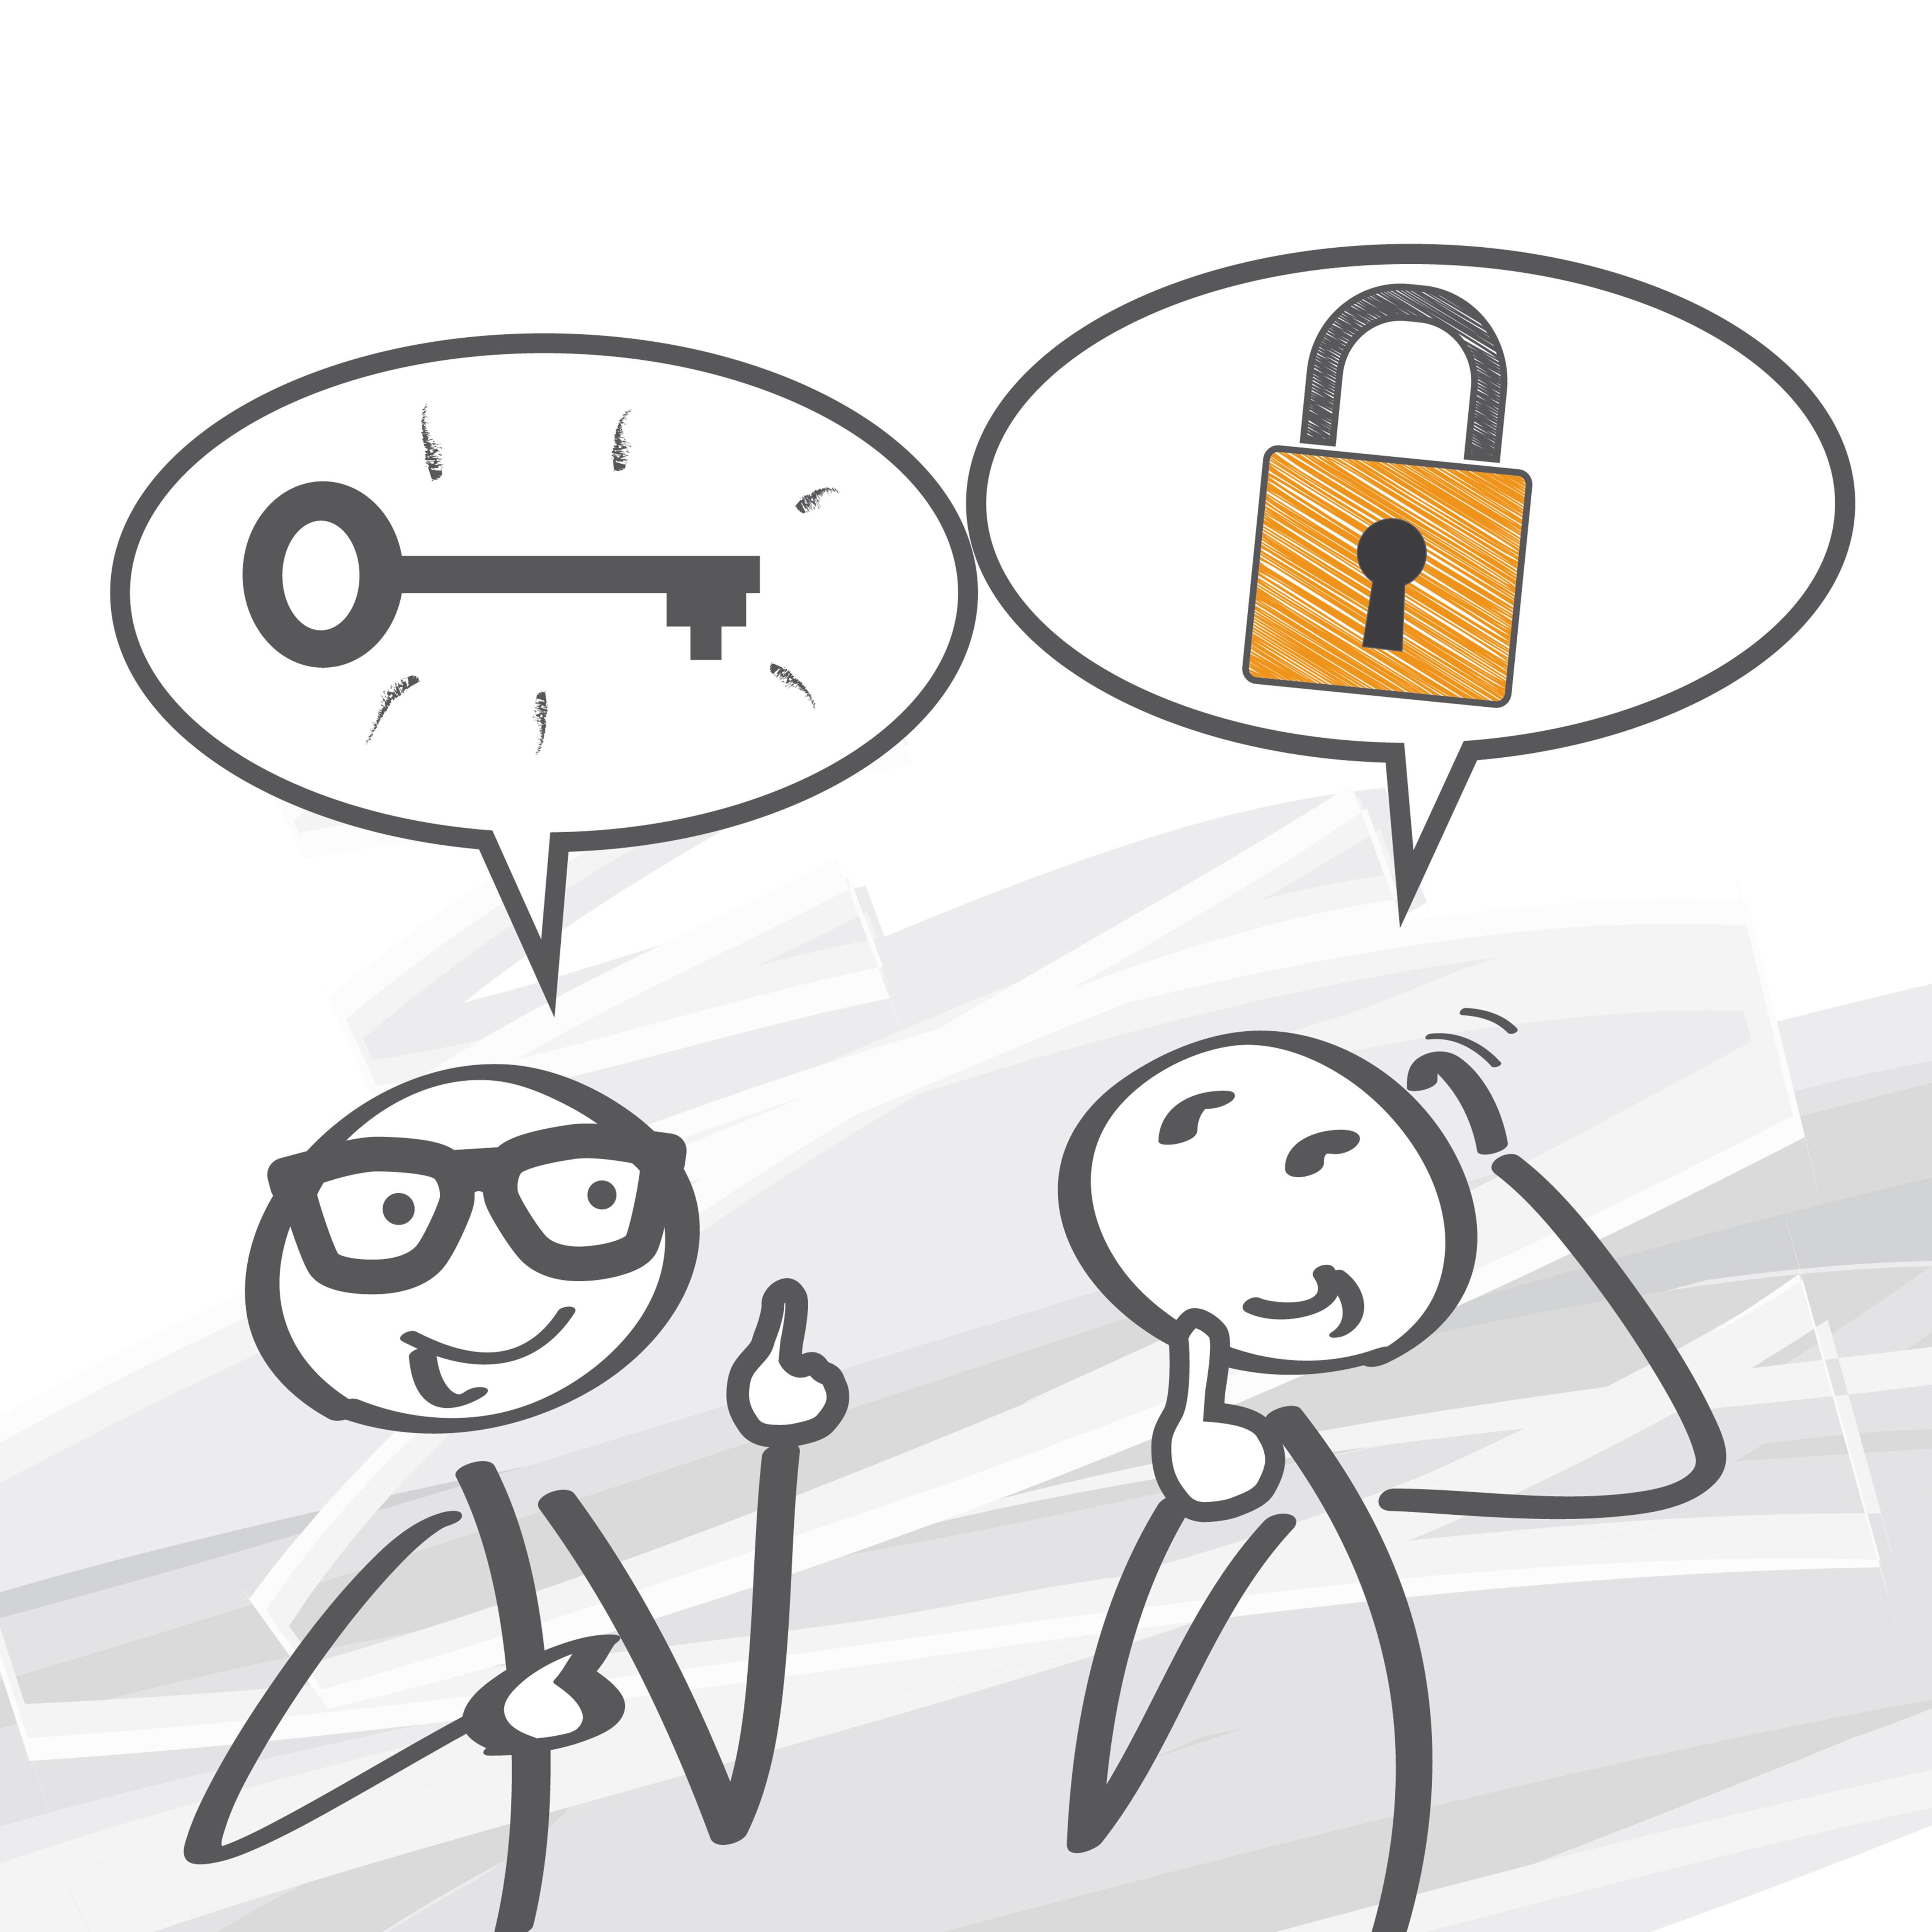 Kommunikation - der Schlüssel zum Erfolg